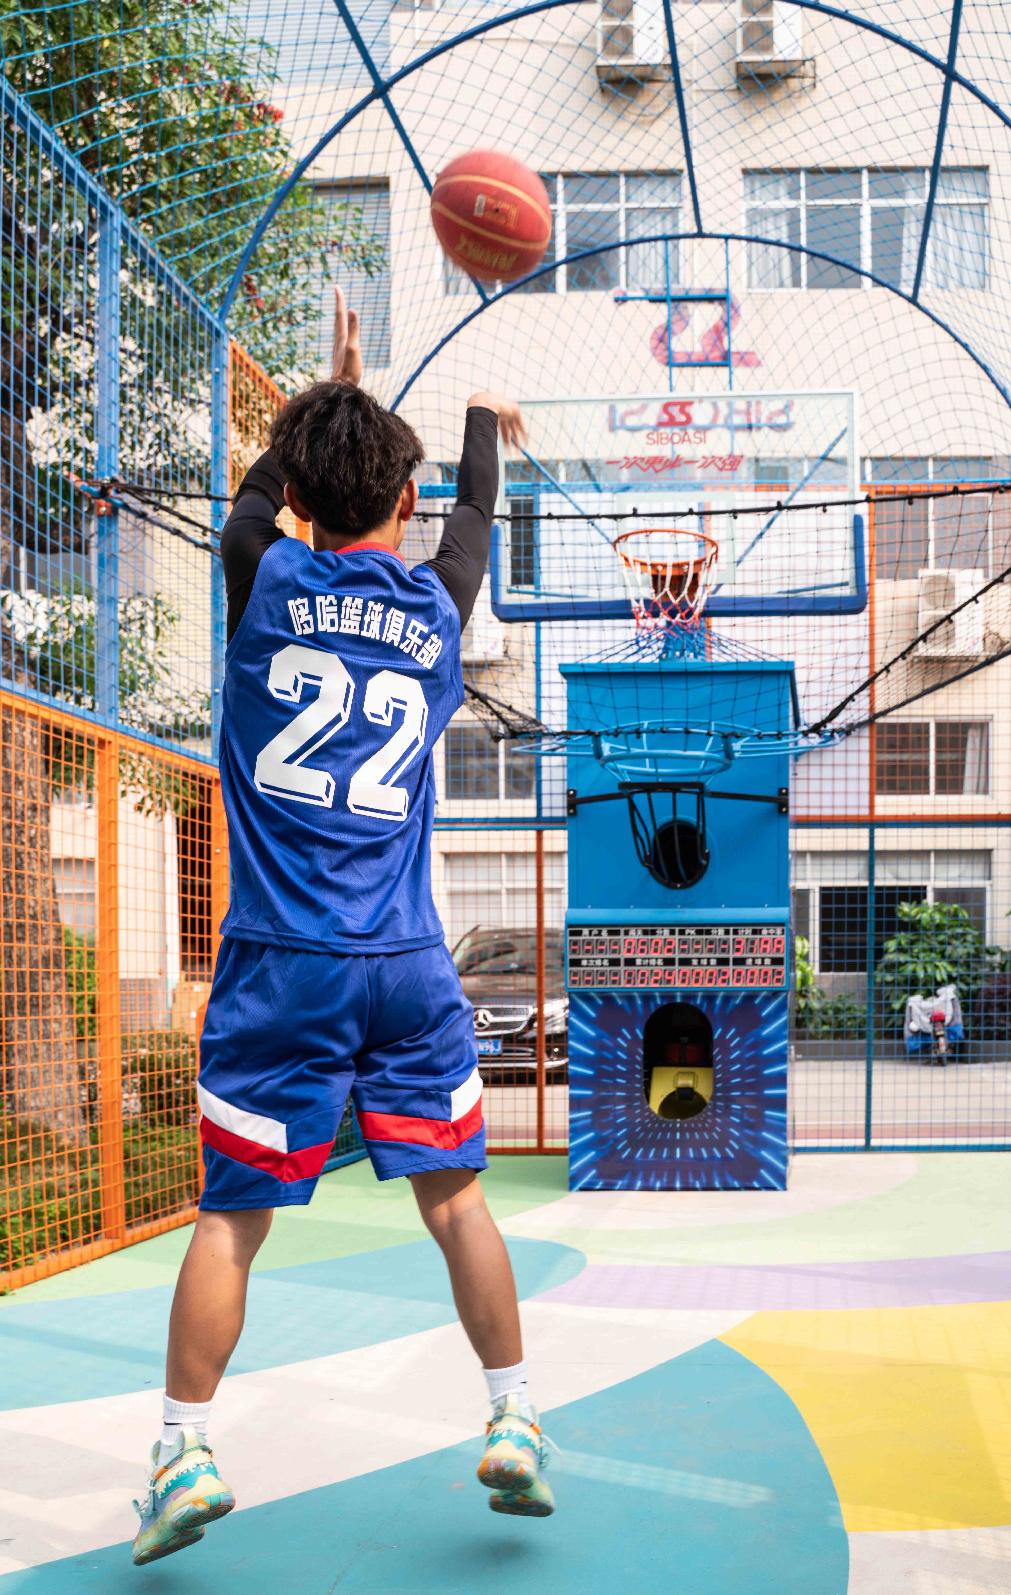 Intelligent Automatic Basketball Training Machine